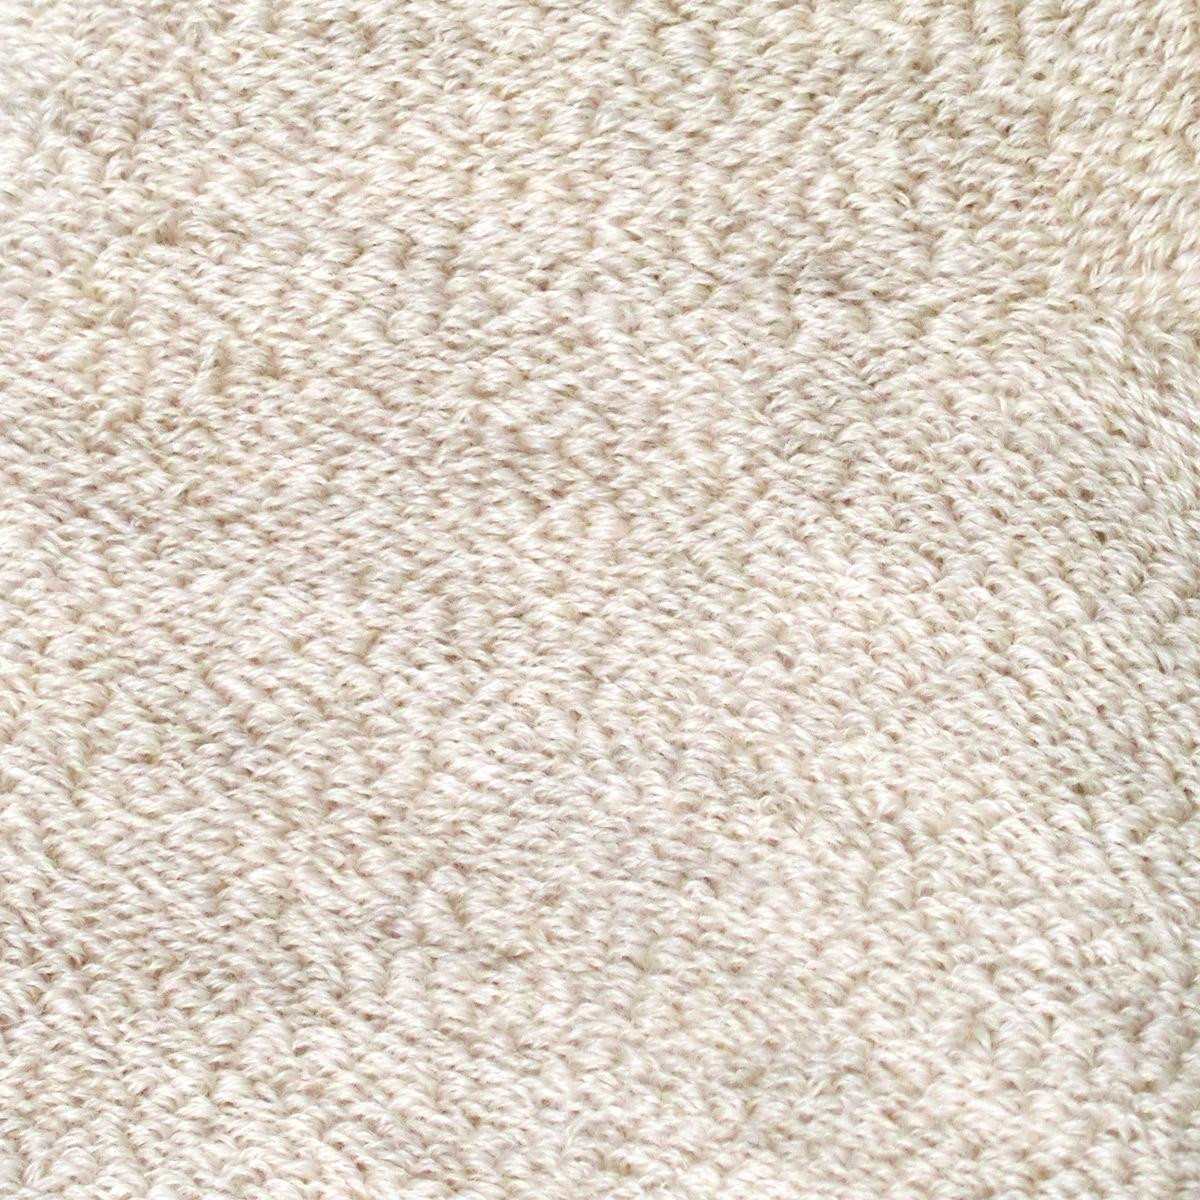 【温活にも】ウールパイル二重編みソックス/ショート丈(23-25cm)[温活・妊活応援アイテム]